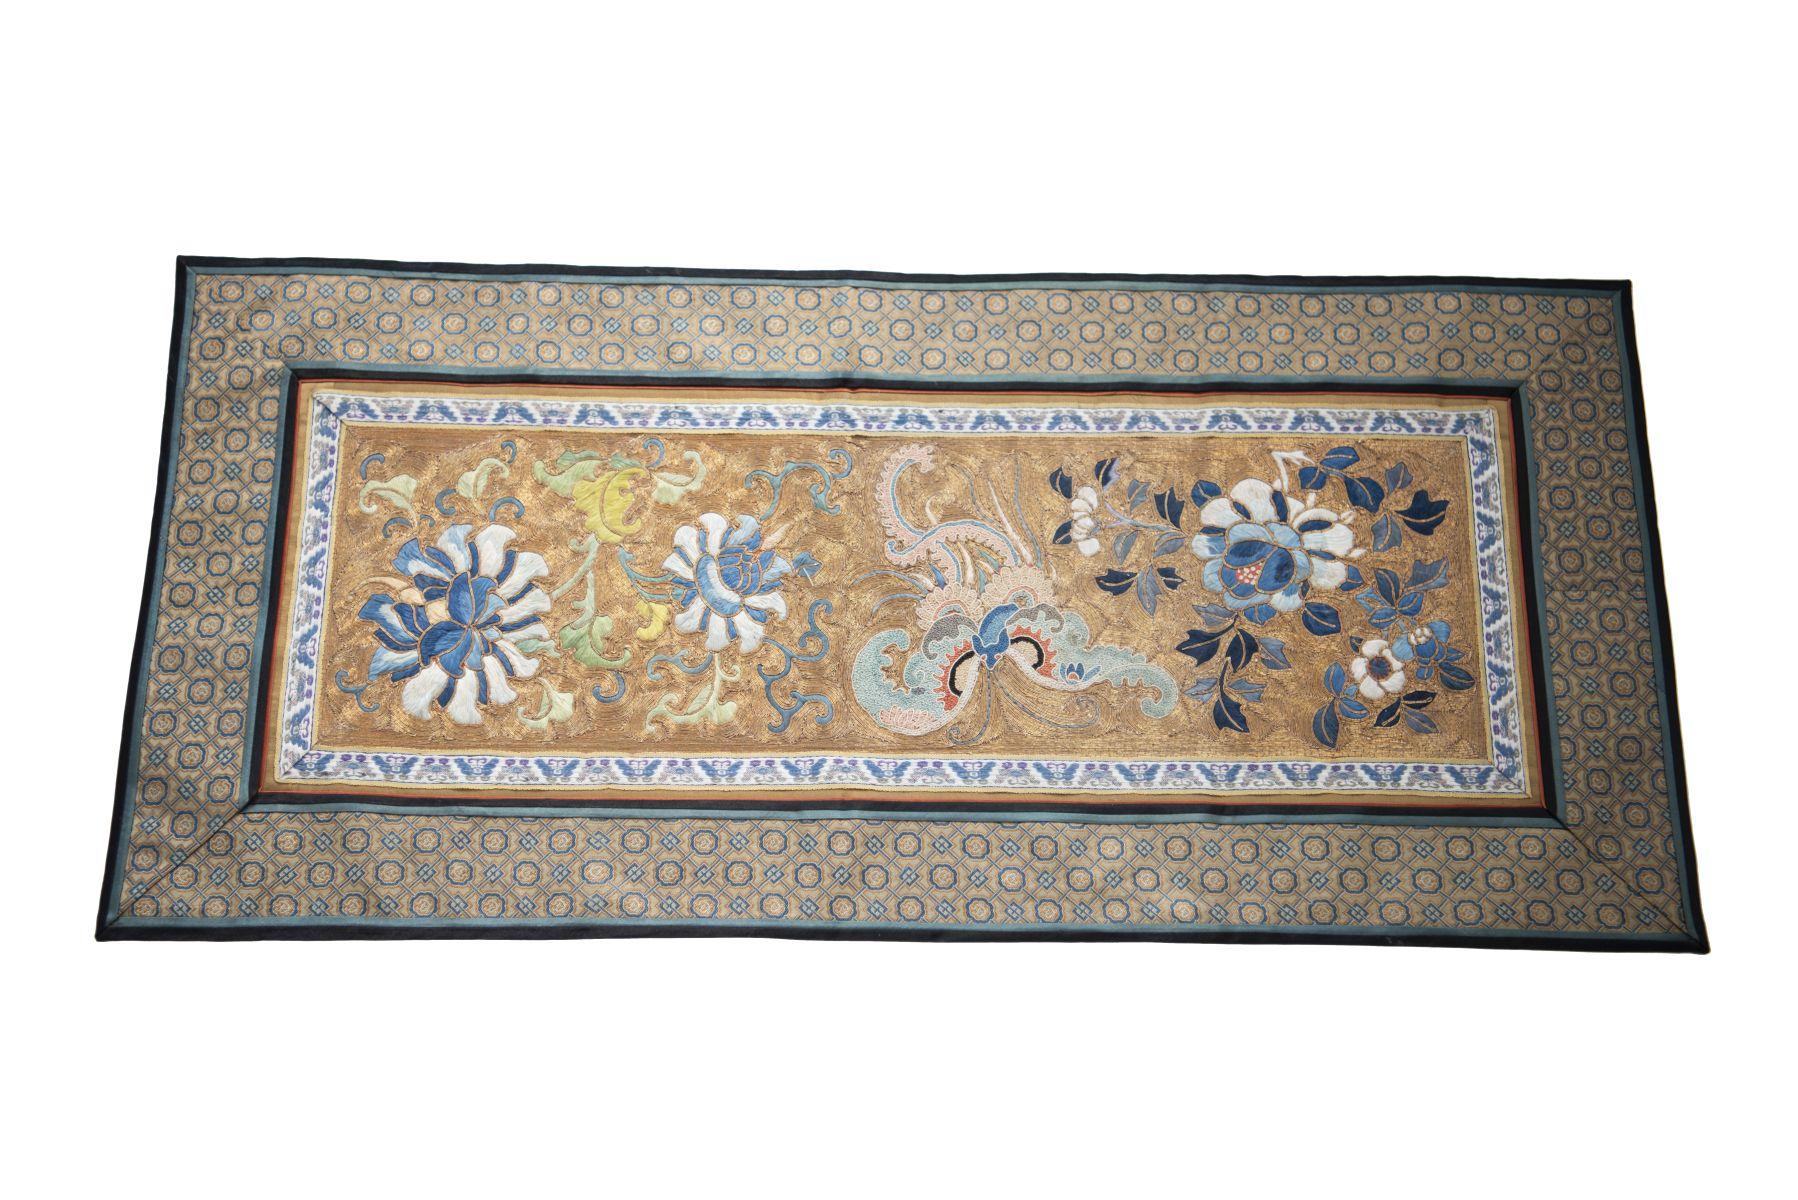 #7 Small tablecloth made of silk | Kleiner Tischläufer aus Seide Image